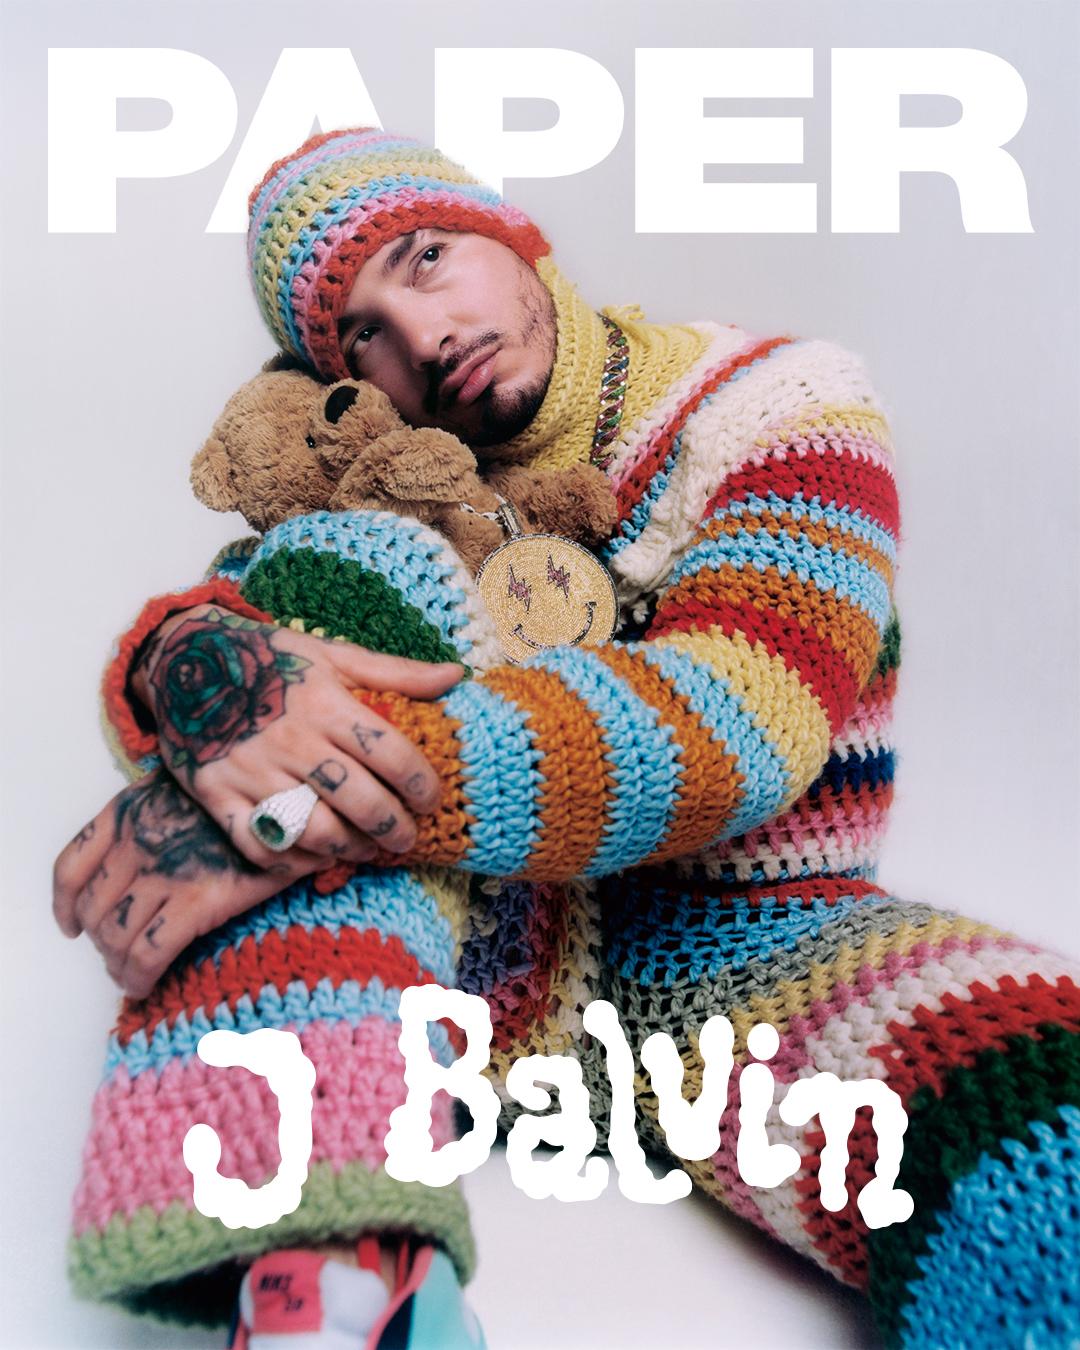 J Balvin for PAPER Magazine